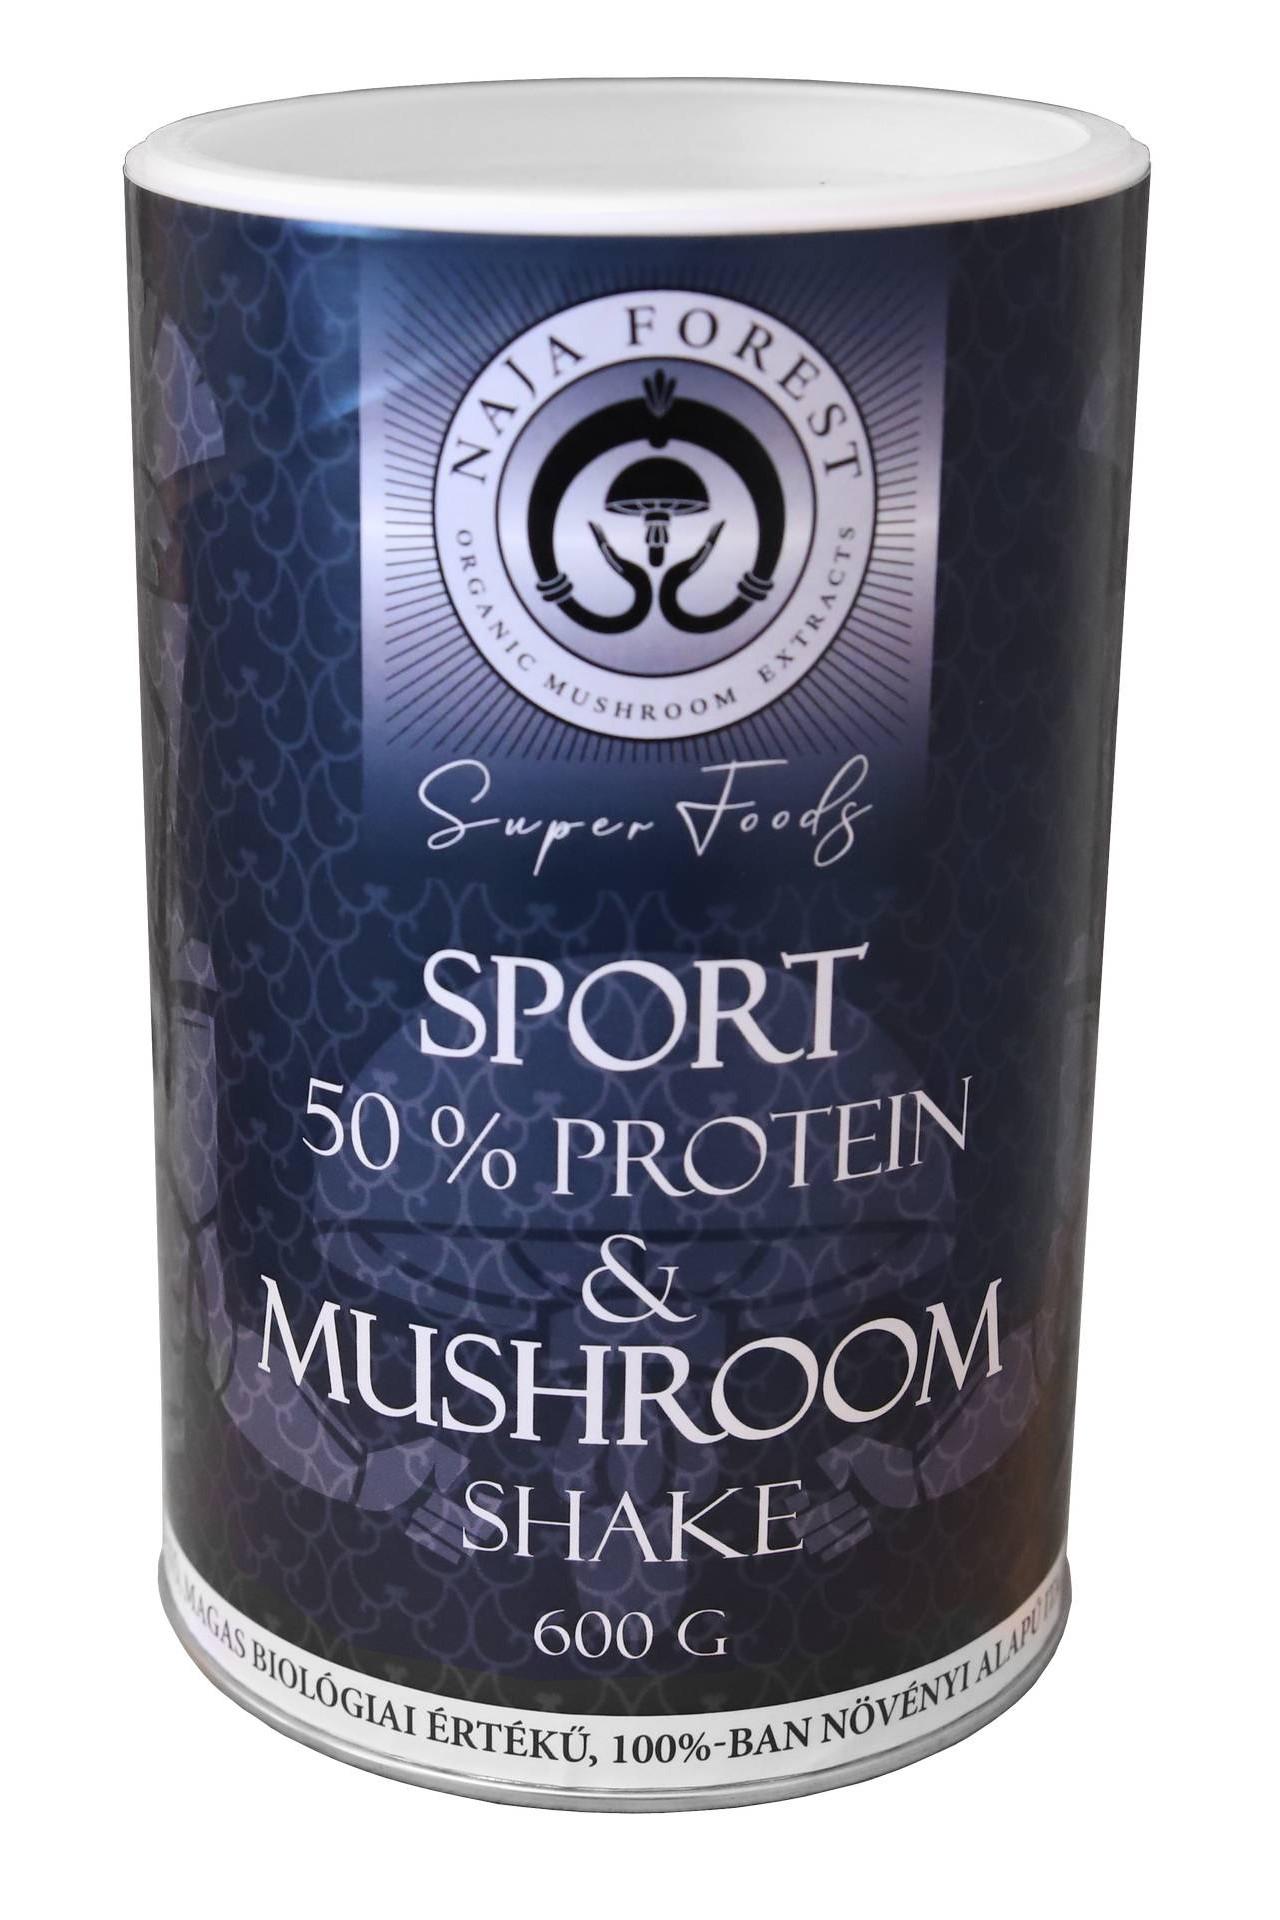 SportMushroom Shake